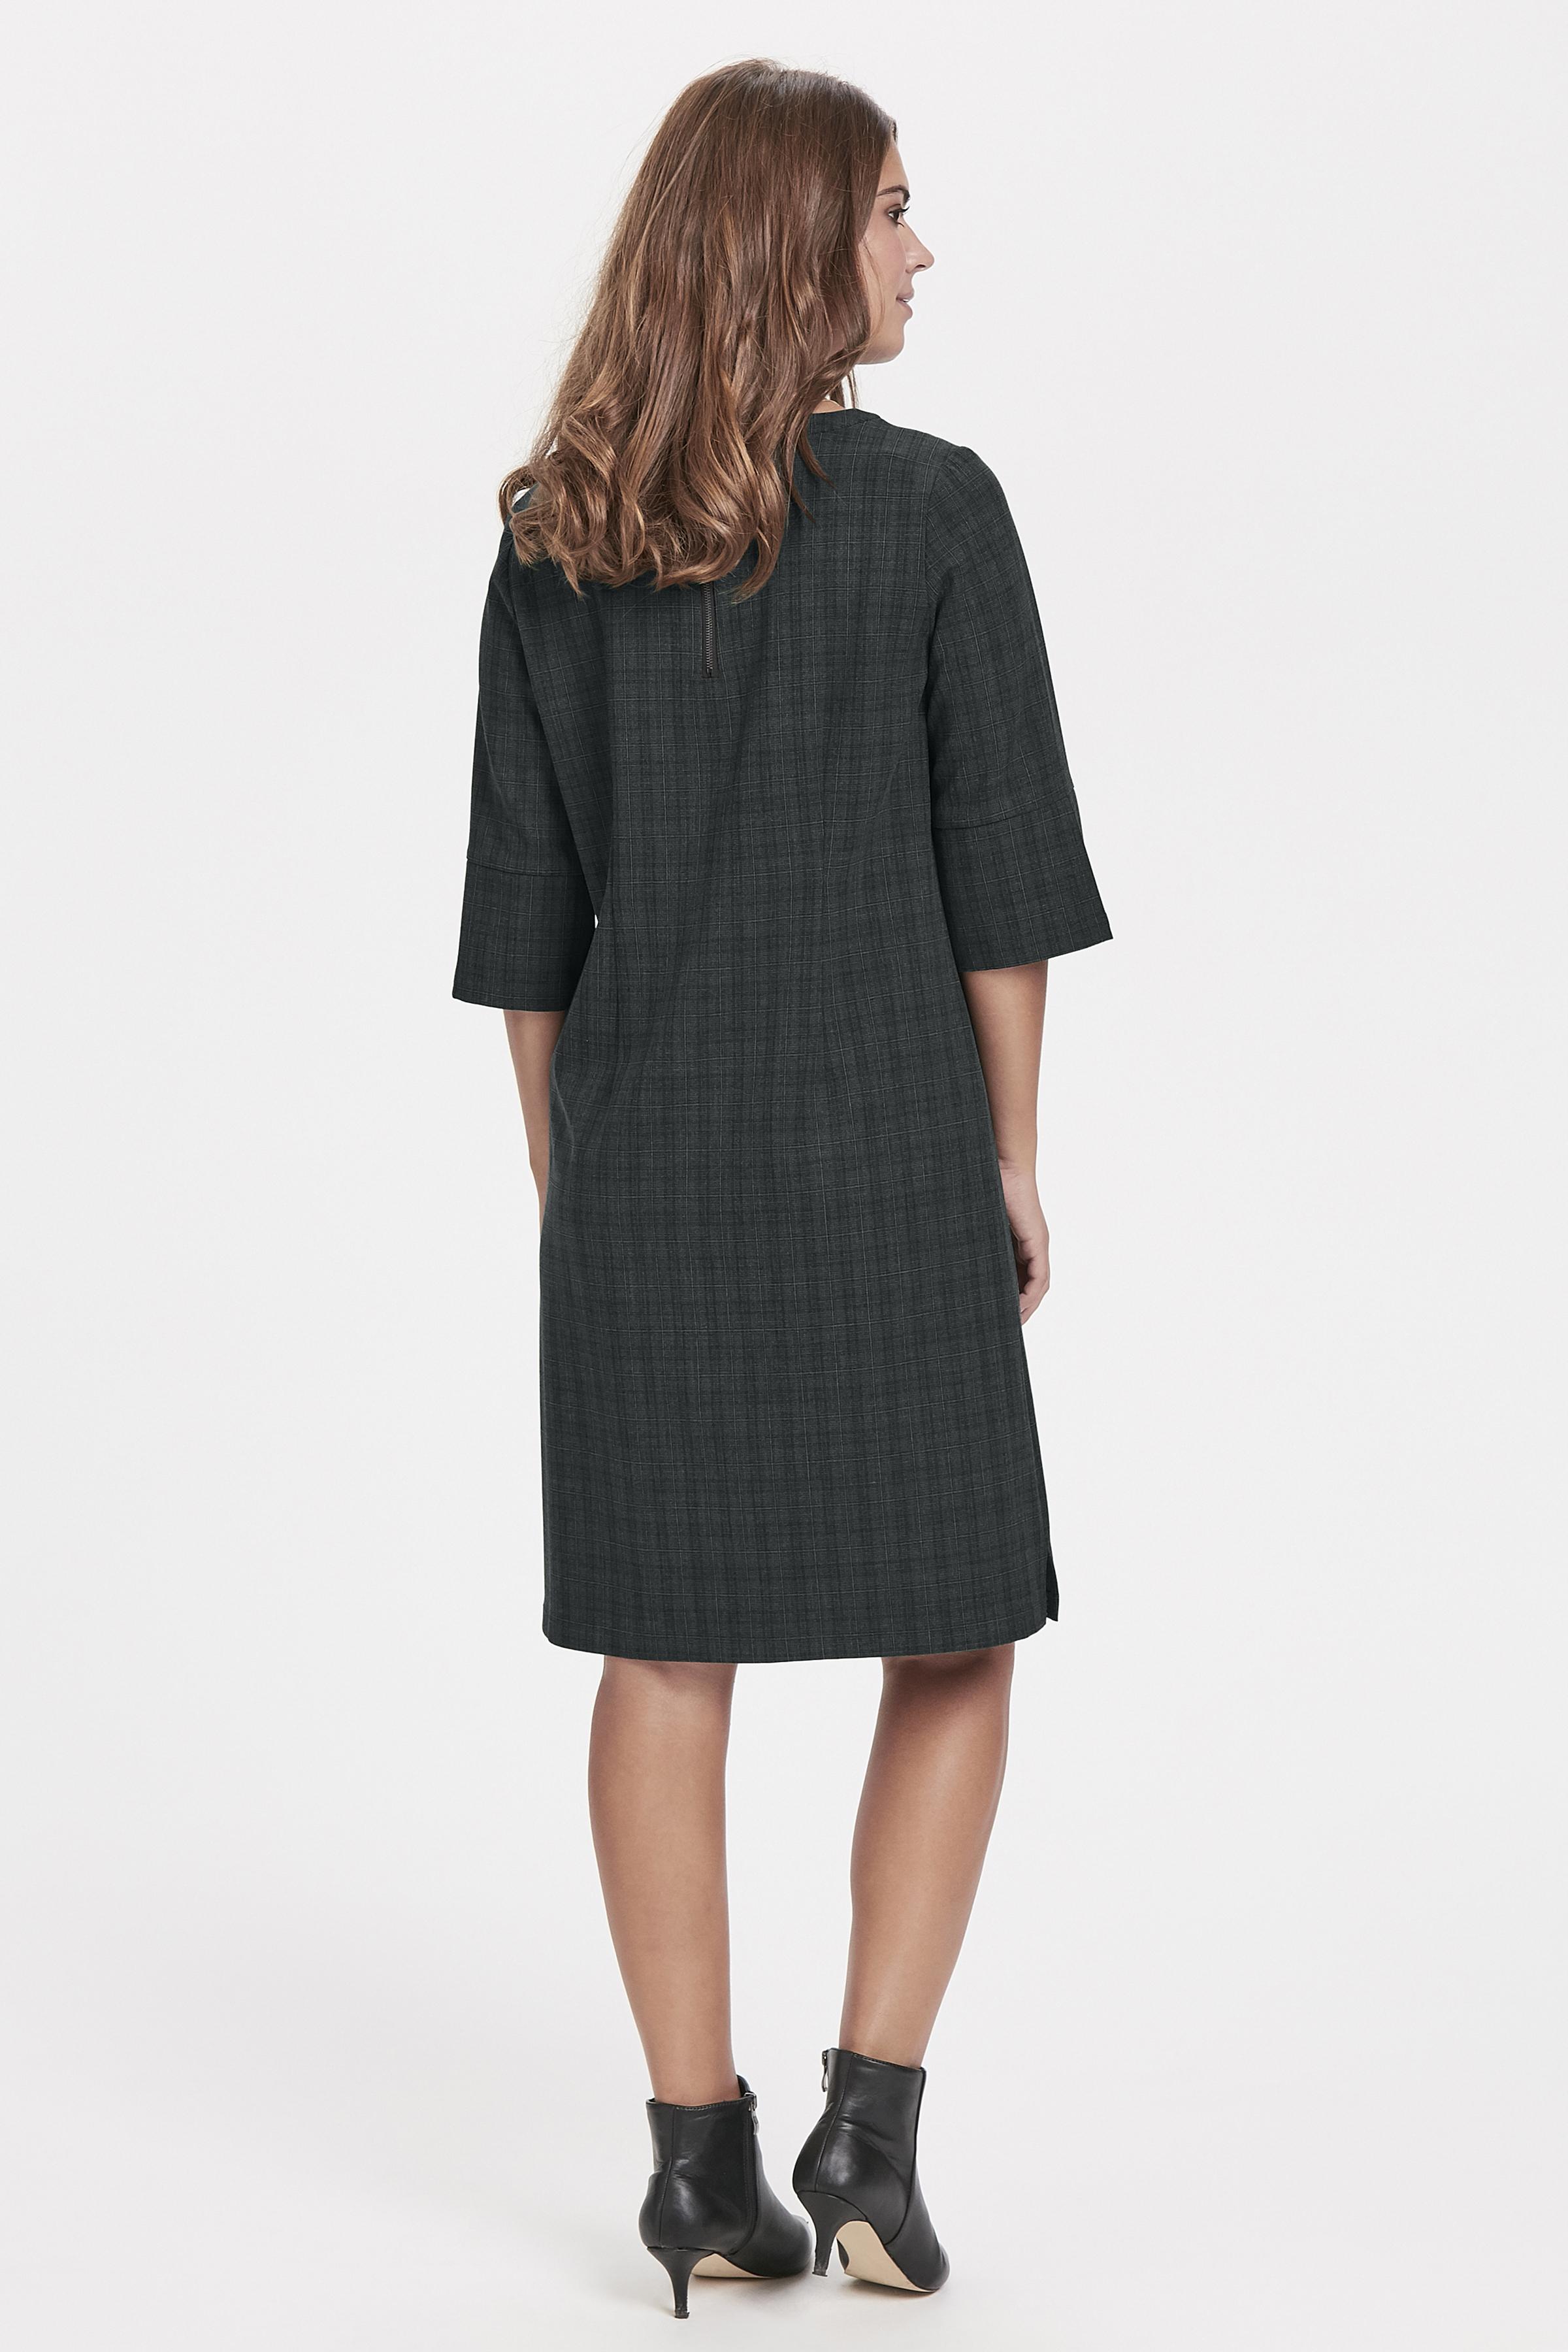 Charcoal Kleid von Bon'A Parte – Shoppen Sie Charcoal Kleid ab Gr. S-2XL hier